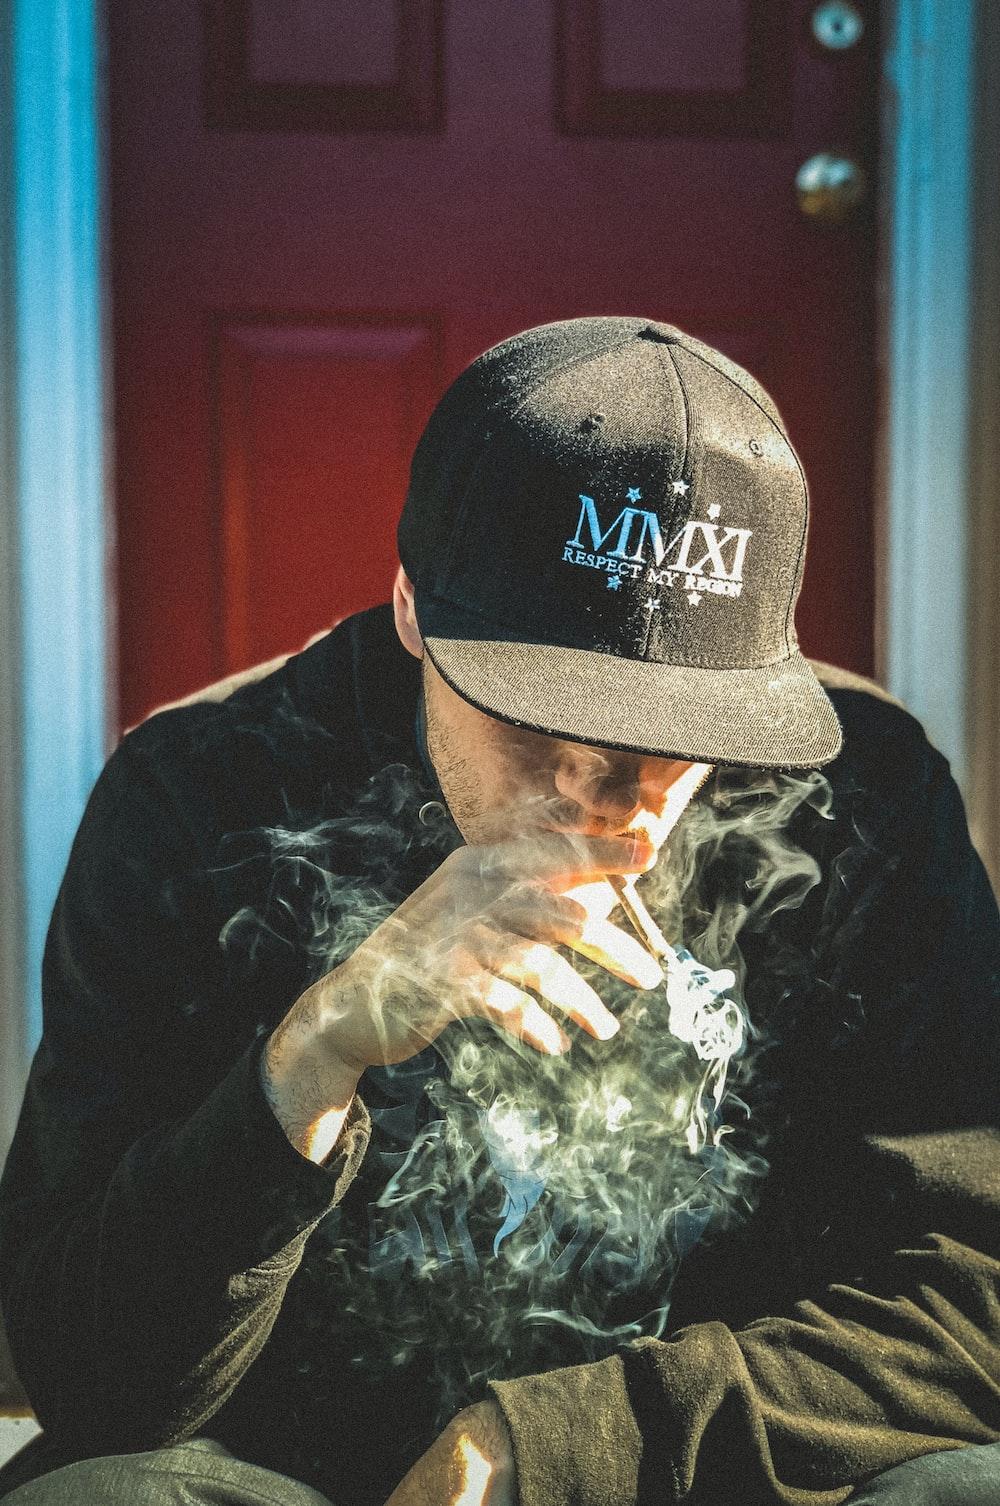 20 Free Smoking Pictures On Unsplash